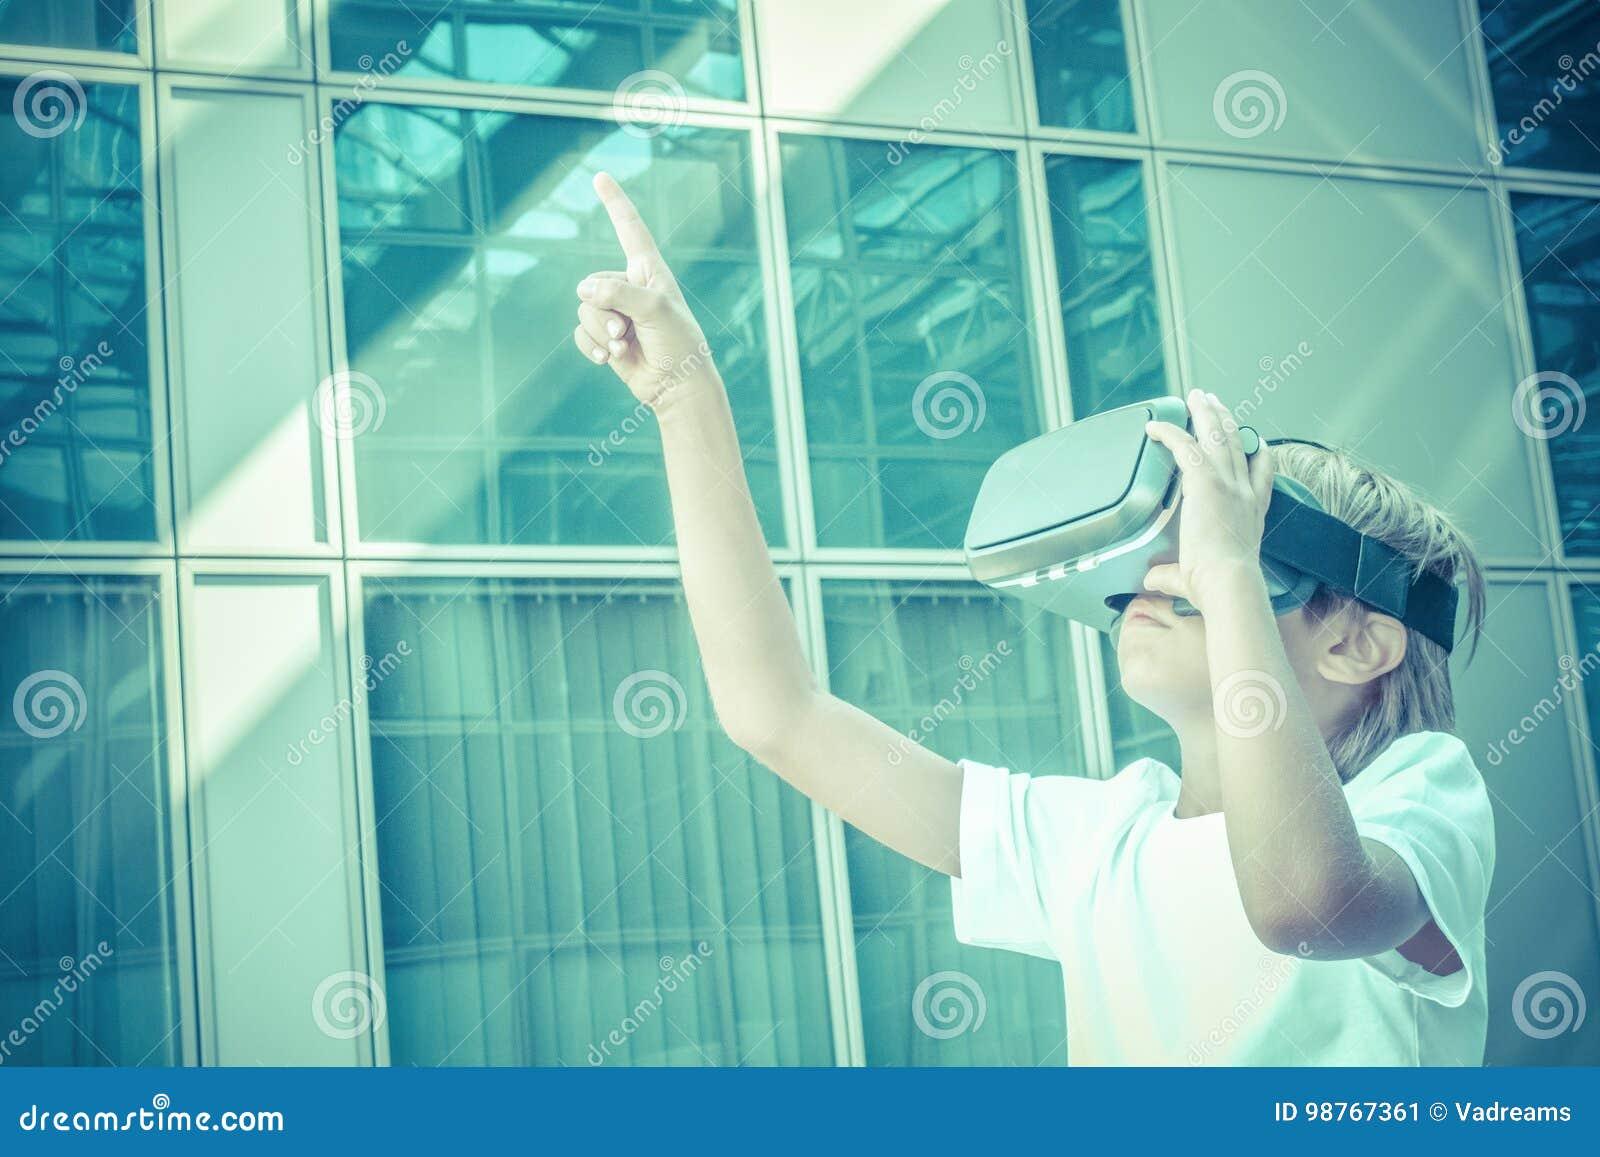 Vidéo jouante ou de observation d enfant avec des verres de réalité  virtuelle dans la ville 0bd94c936735